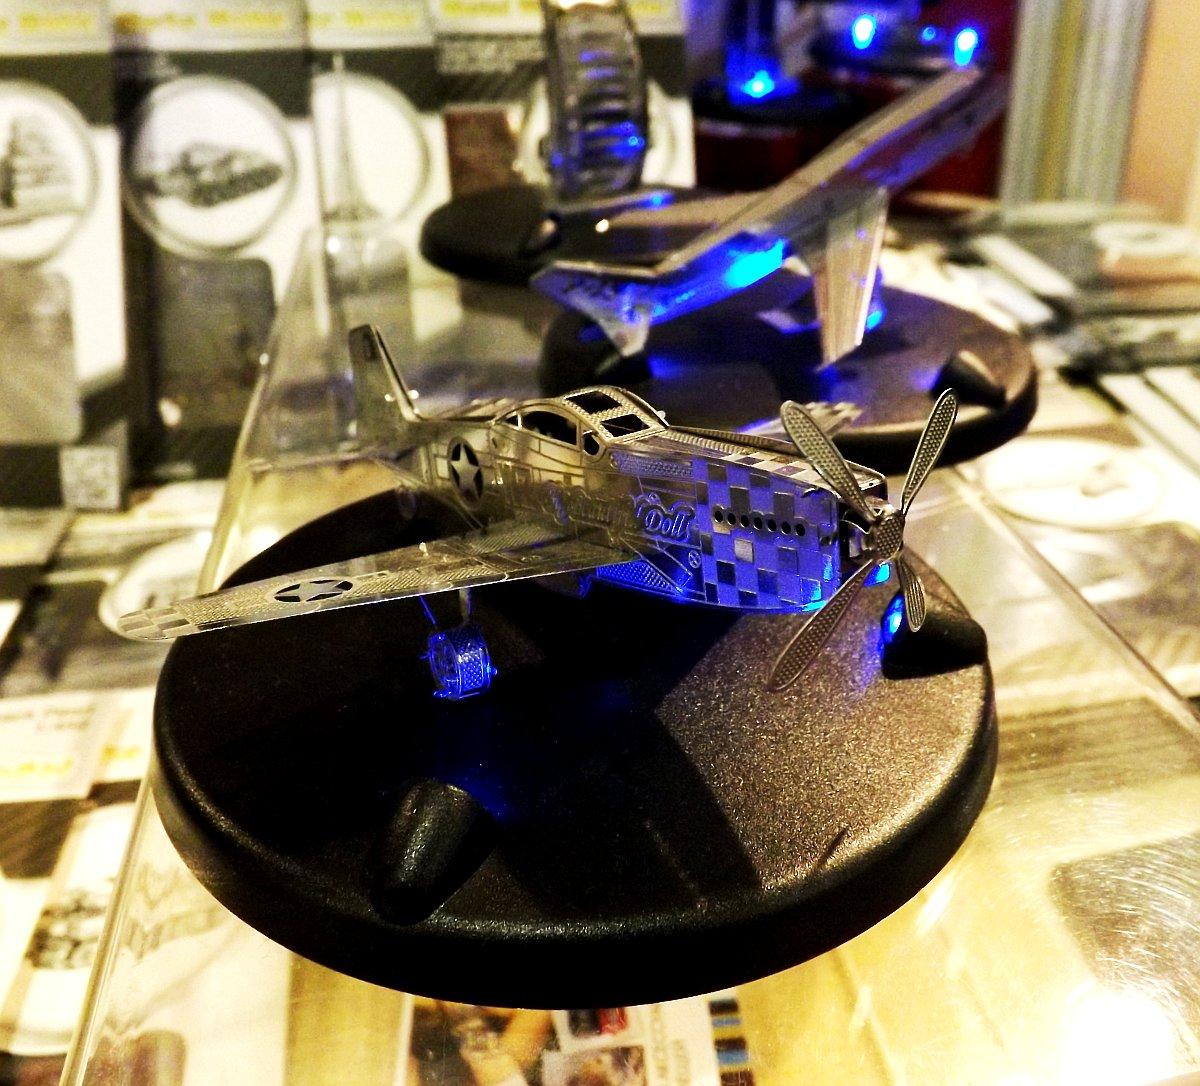 Сборные сувенирные модели из металла, обработанного лазером, представленные на выставке КонсумЭкспо-Зима 2015